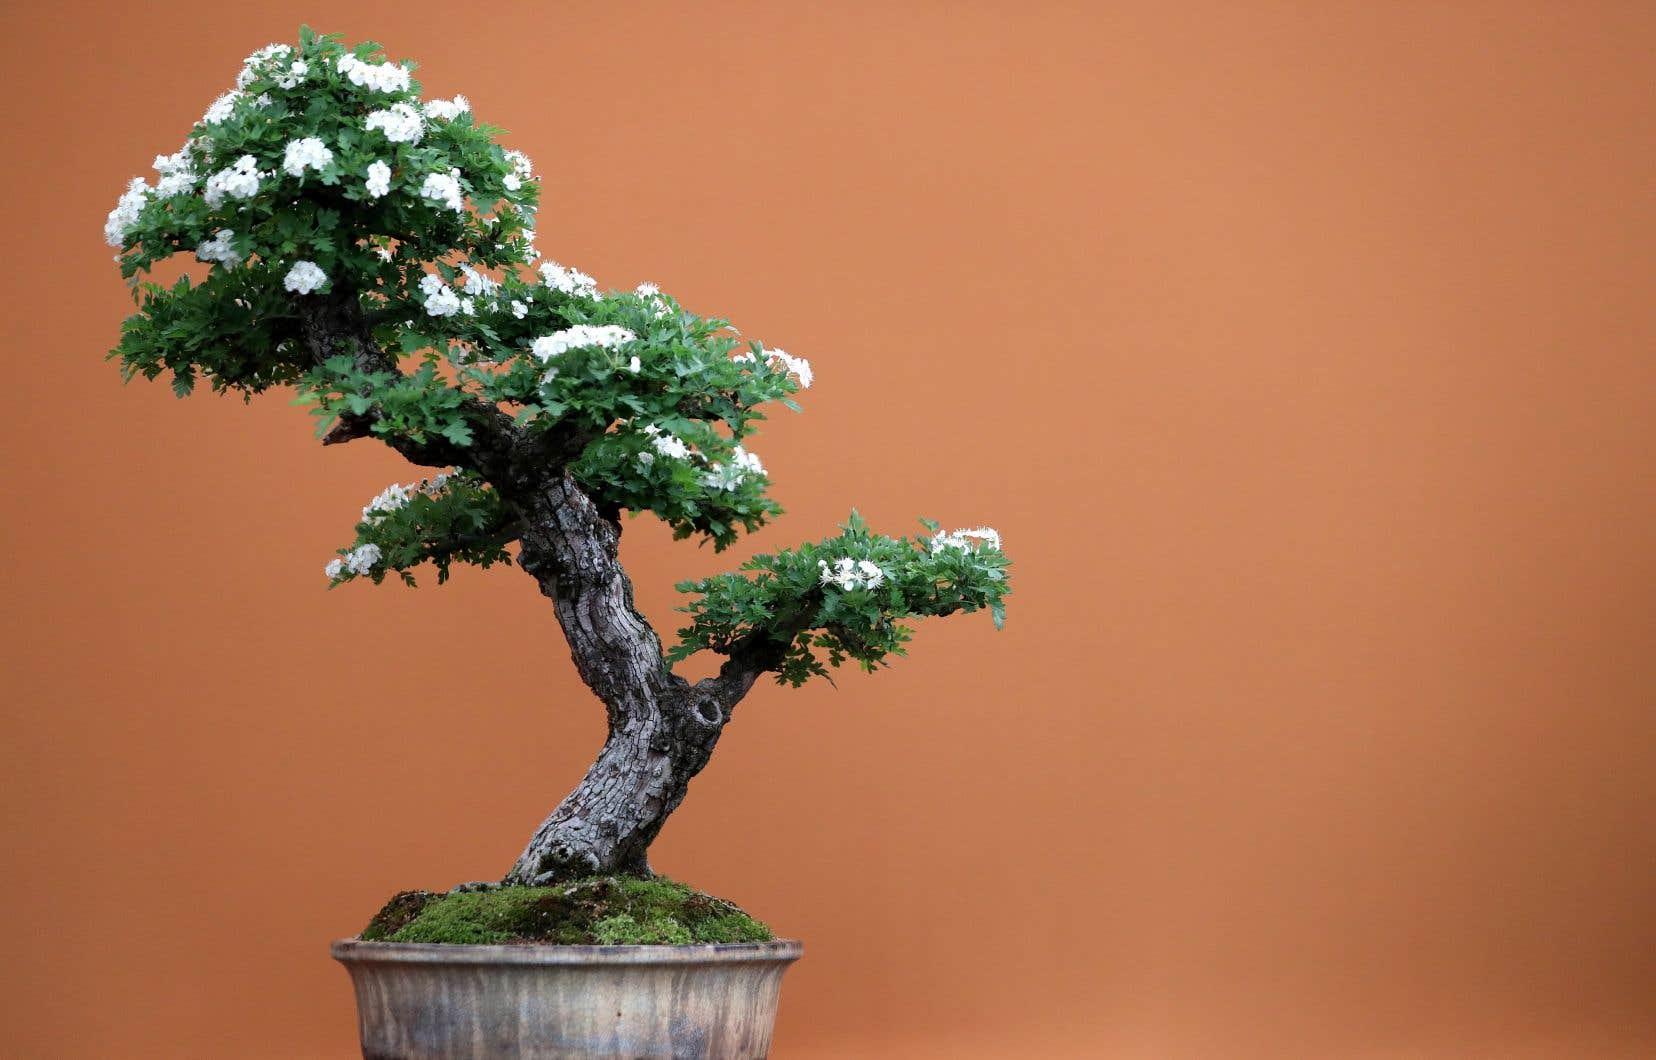 Au total, sept bonsaïs d'une valeur estimée globalement à plus de 7 millions de yens ont été subtilisés à M. Iimura le mois dernier.